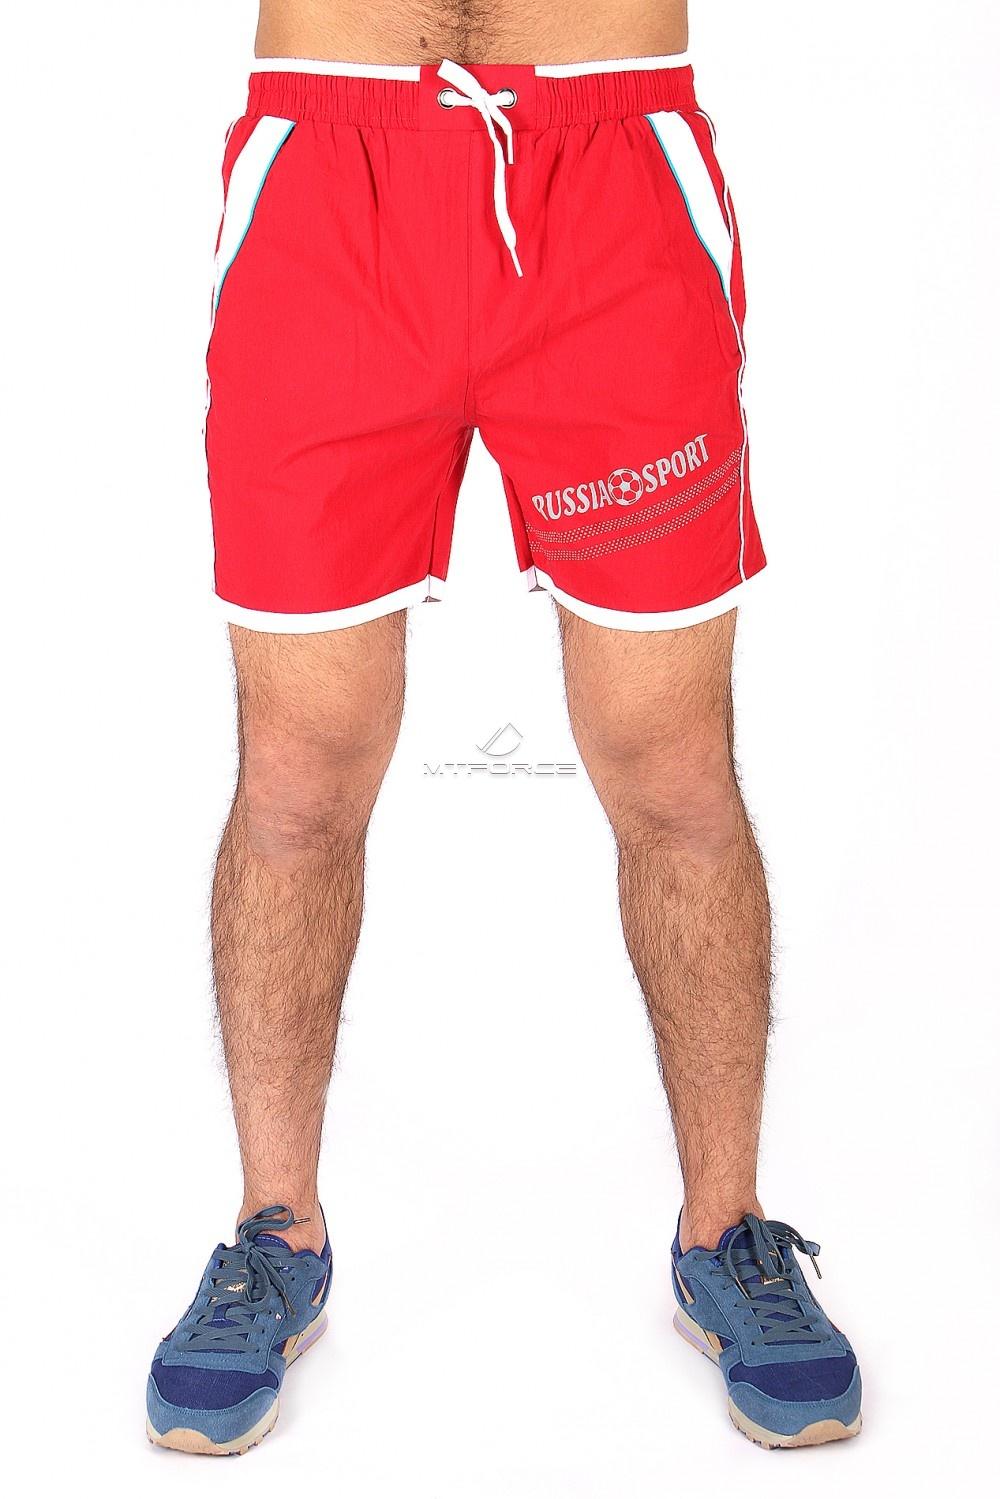 Купить                                  оптом Спортивные шорты красного цвета 503Kr